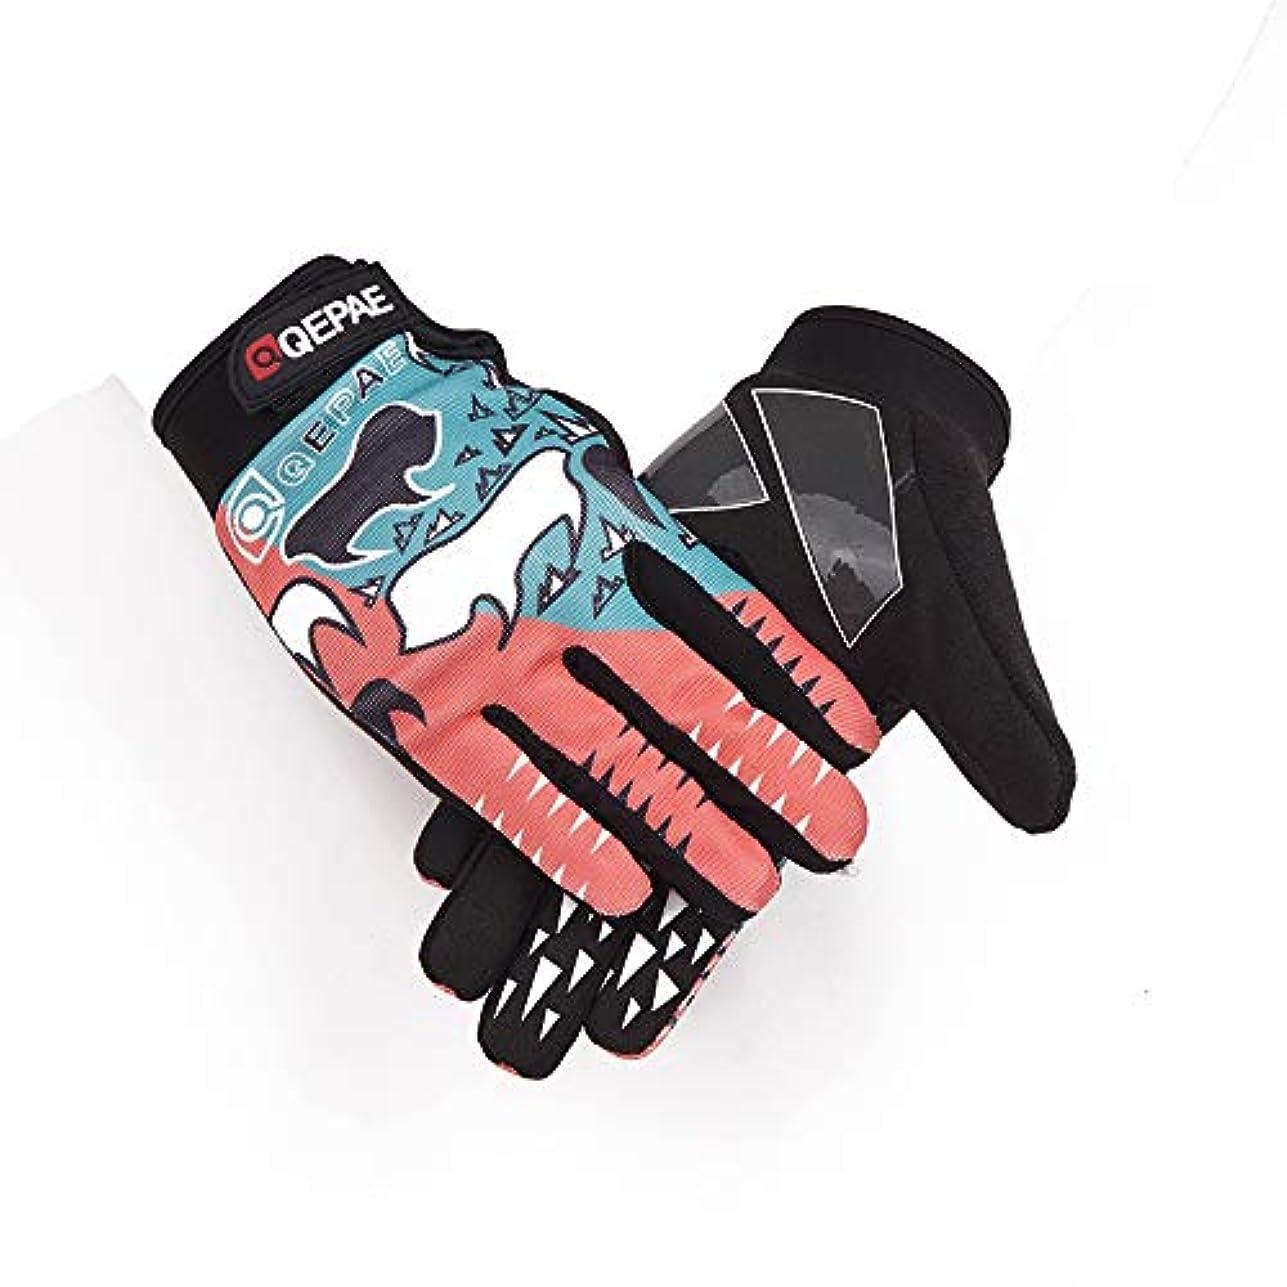 無秩序レンディション束手袋、自転車用手袋、伸縮性がある生地、柔らかく、速乾性の通気性、肥厚した衝撃吸収パッド、滑り止めの指先,M